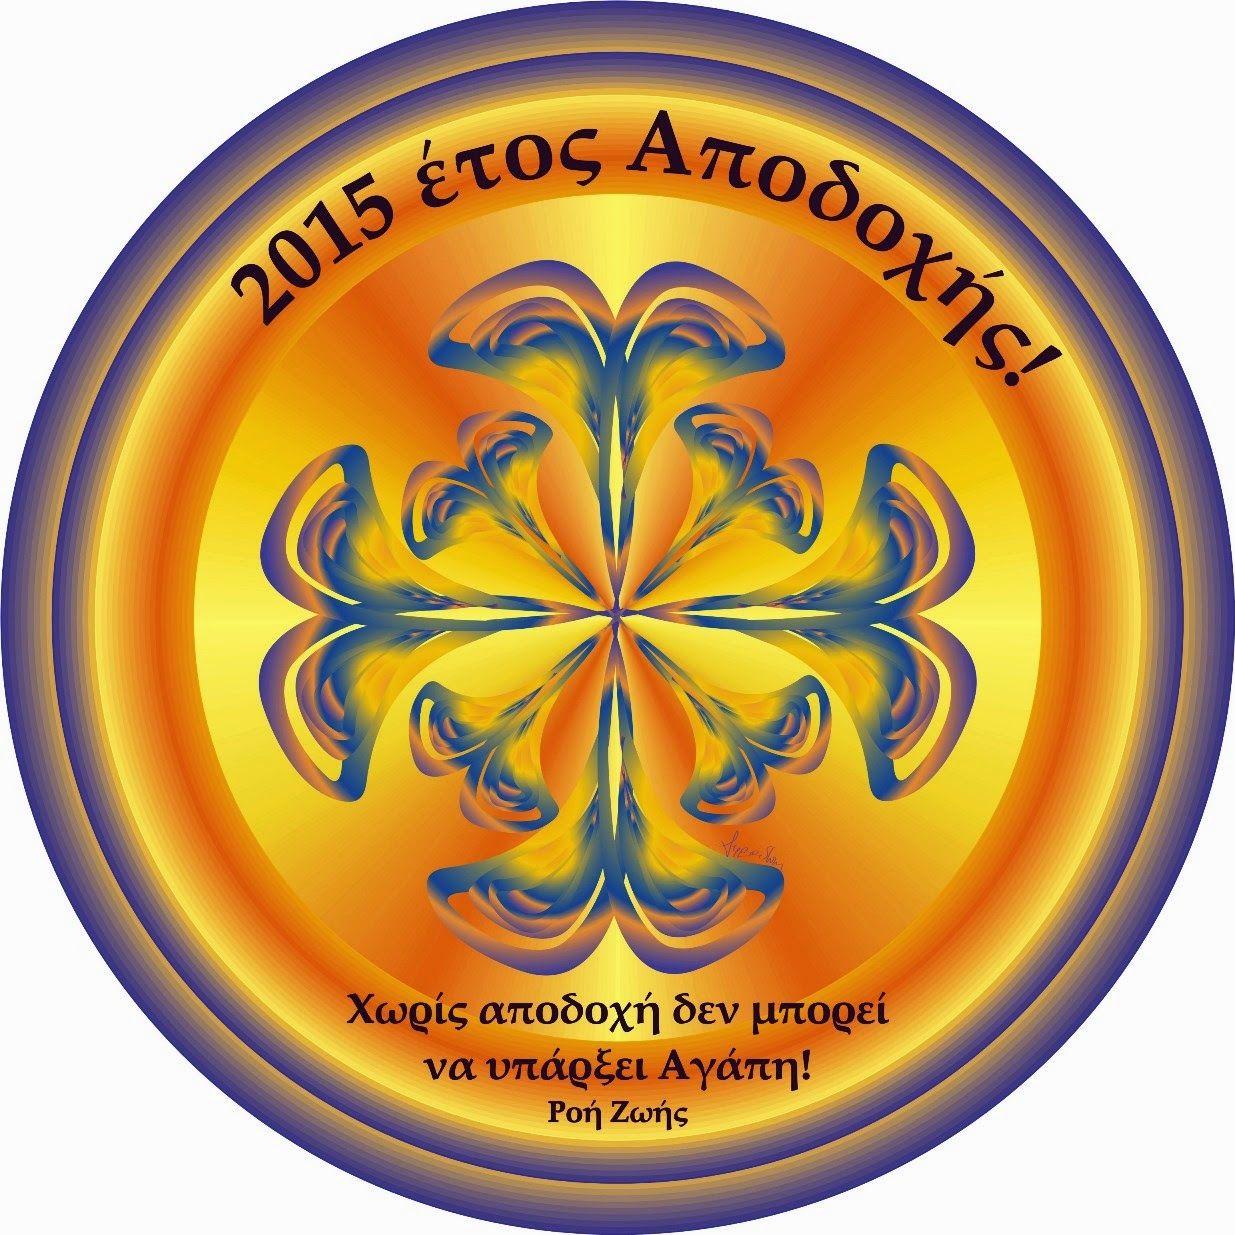 ΡΟΗ ΖΩΗΣ: 2015 έτος Αποδοχής!